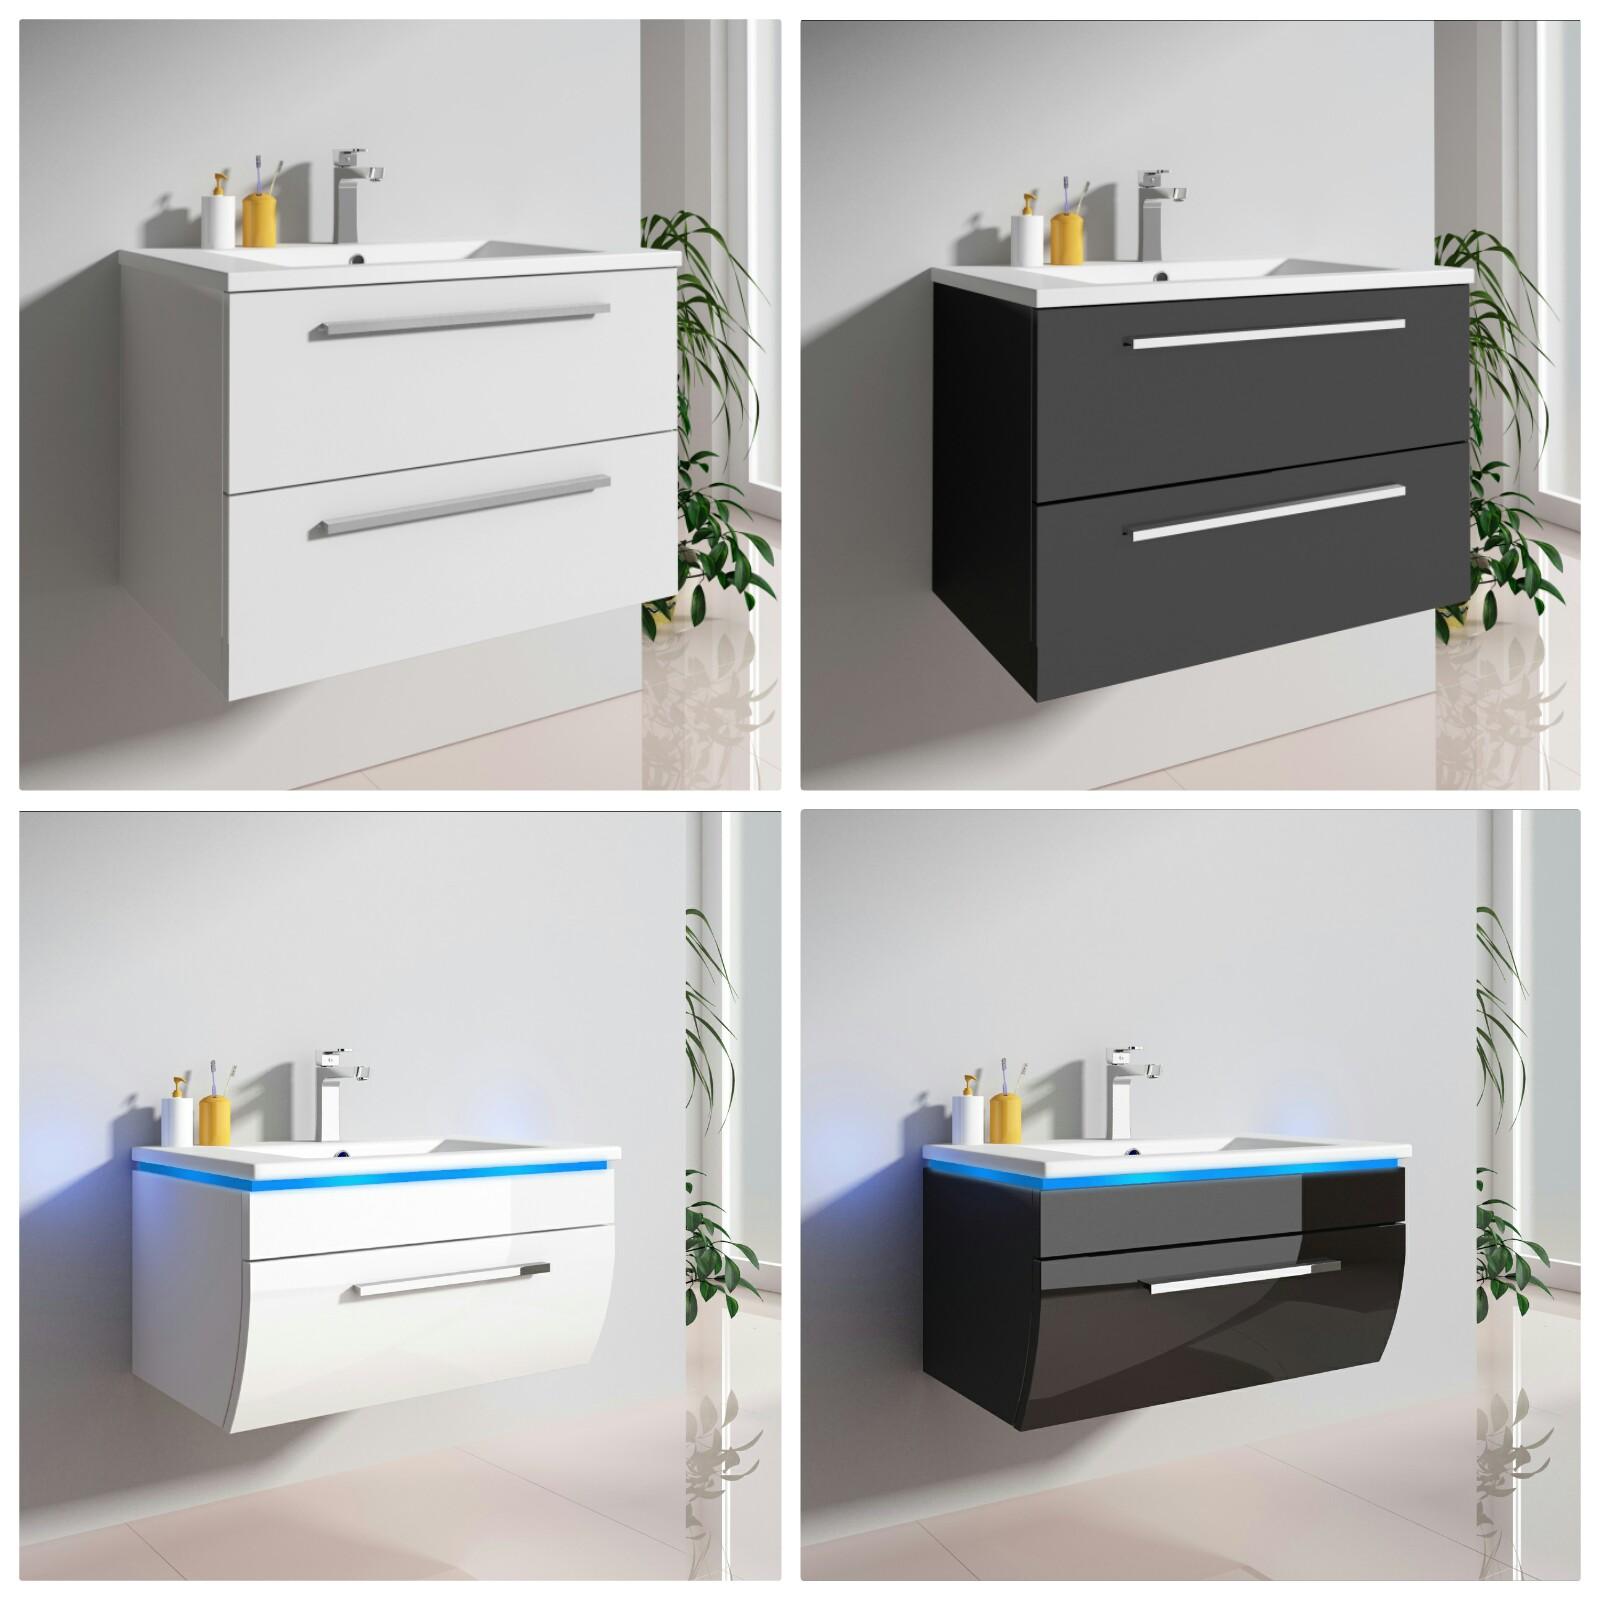 badm bel set 2 tlg unterschrank rund mit einer schubklappe eckig mit zwei schubladen badm bel. Black Bedroom Furniture Sets. Home Design Ideas